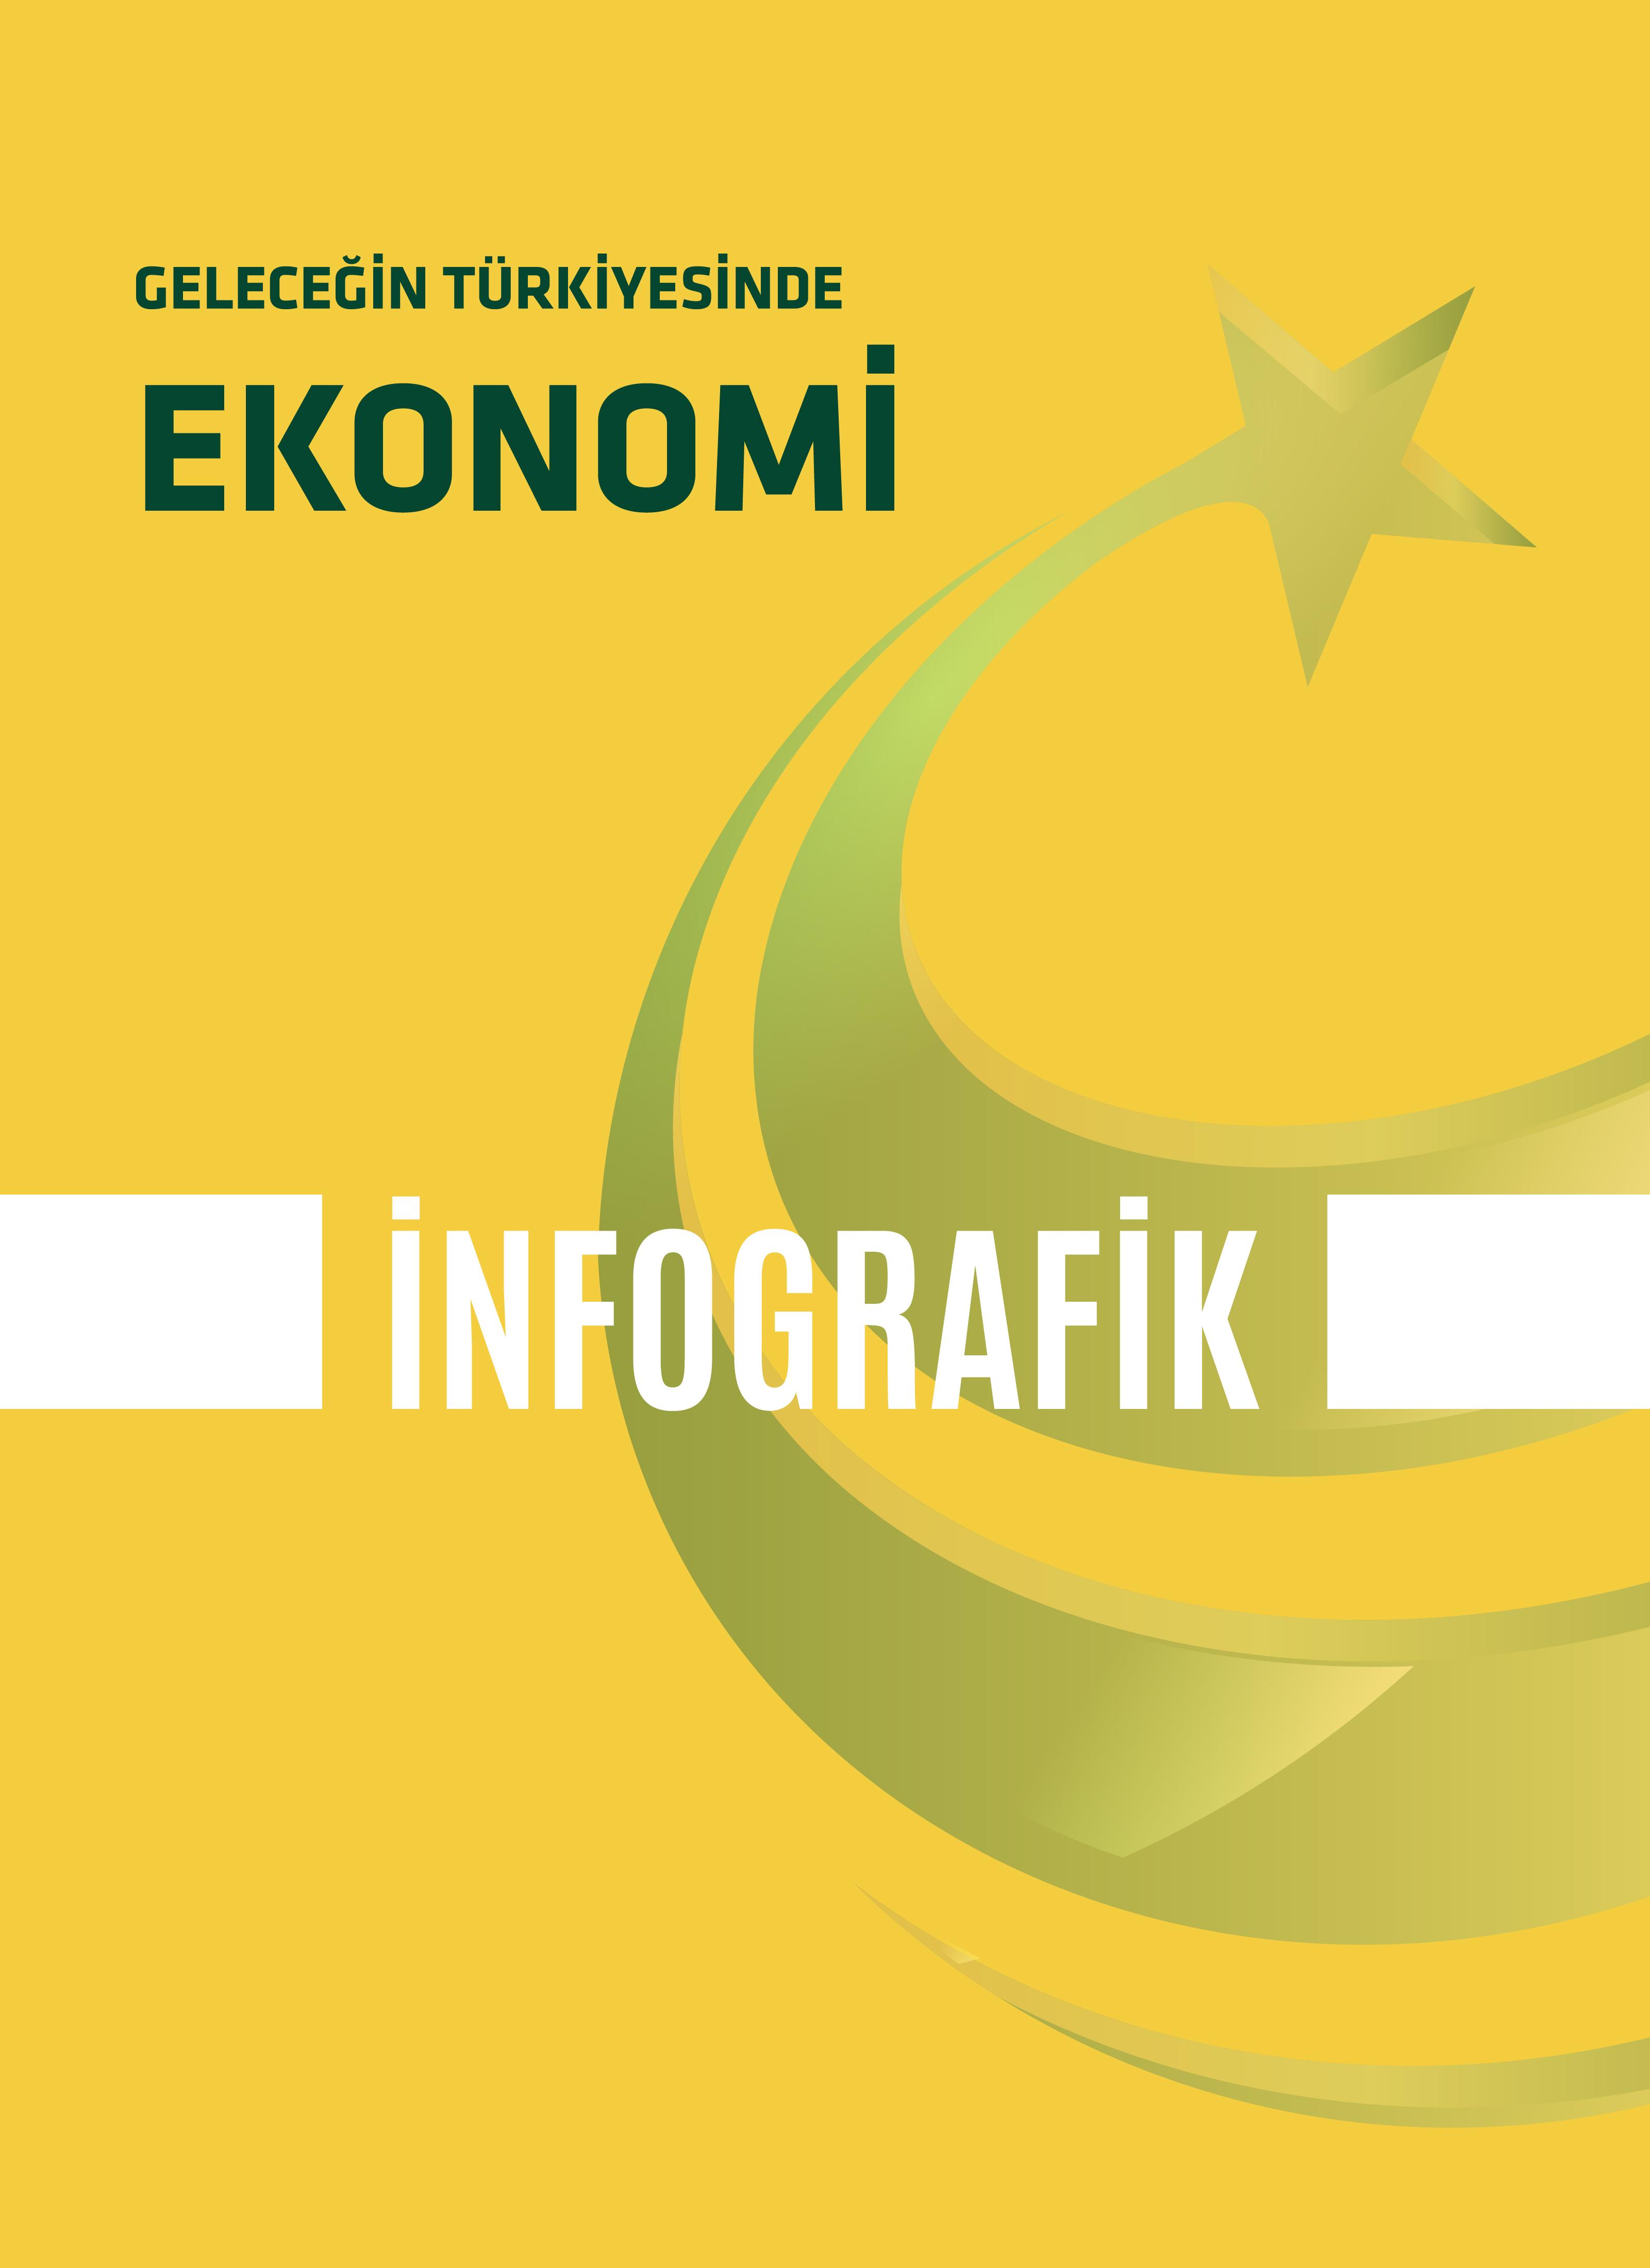 İnfografik |Geleceğin Türkiyesinde Ekonomi